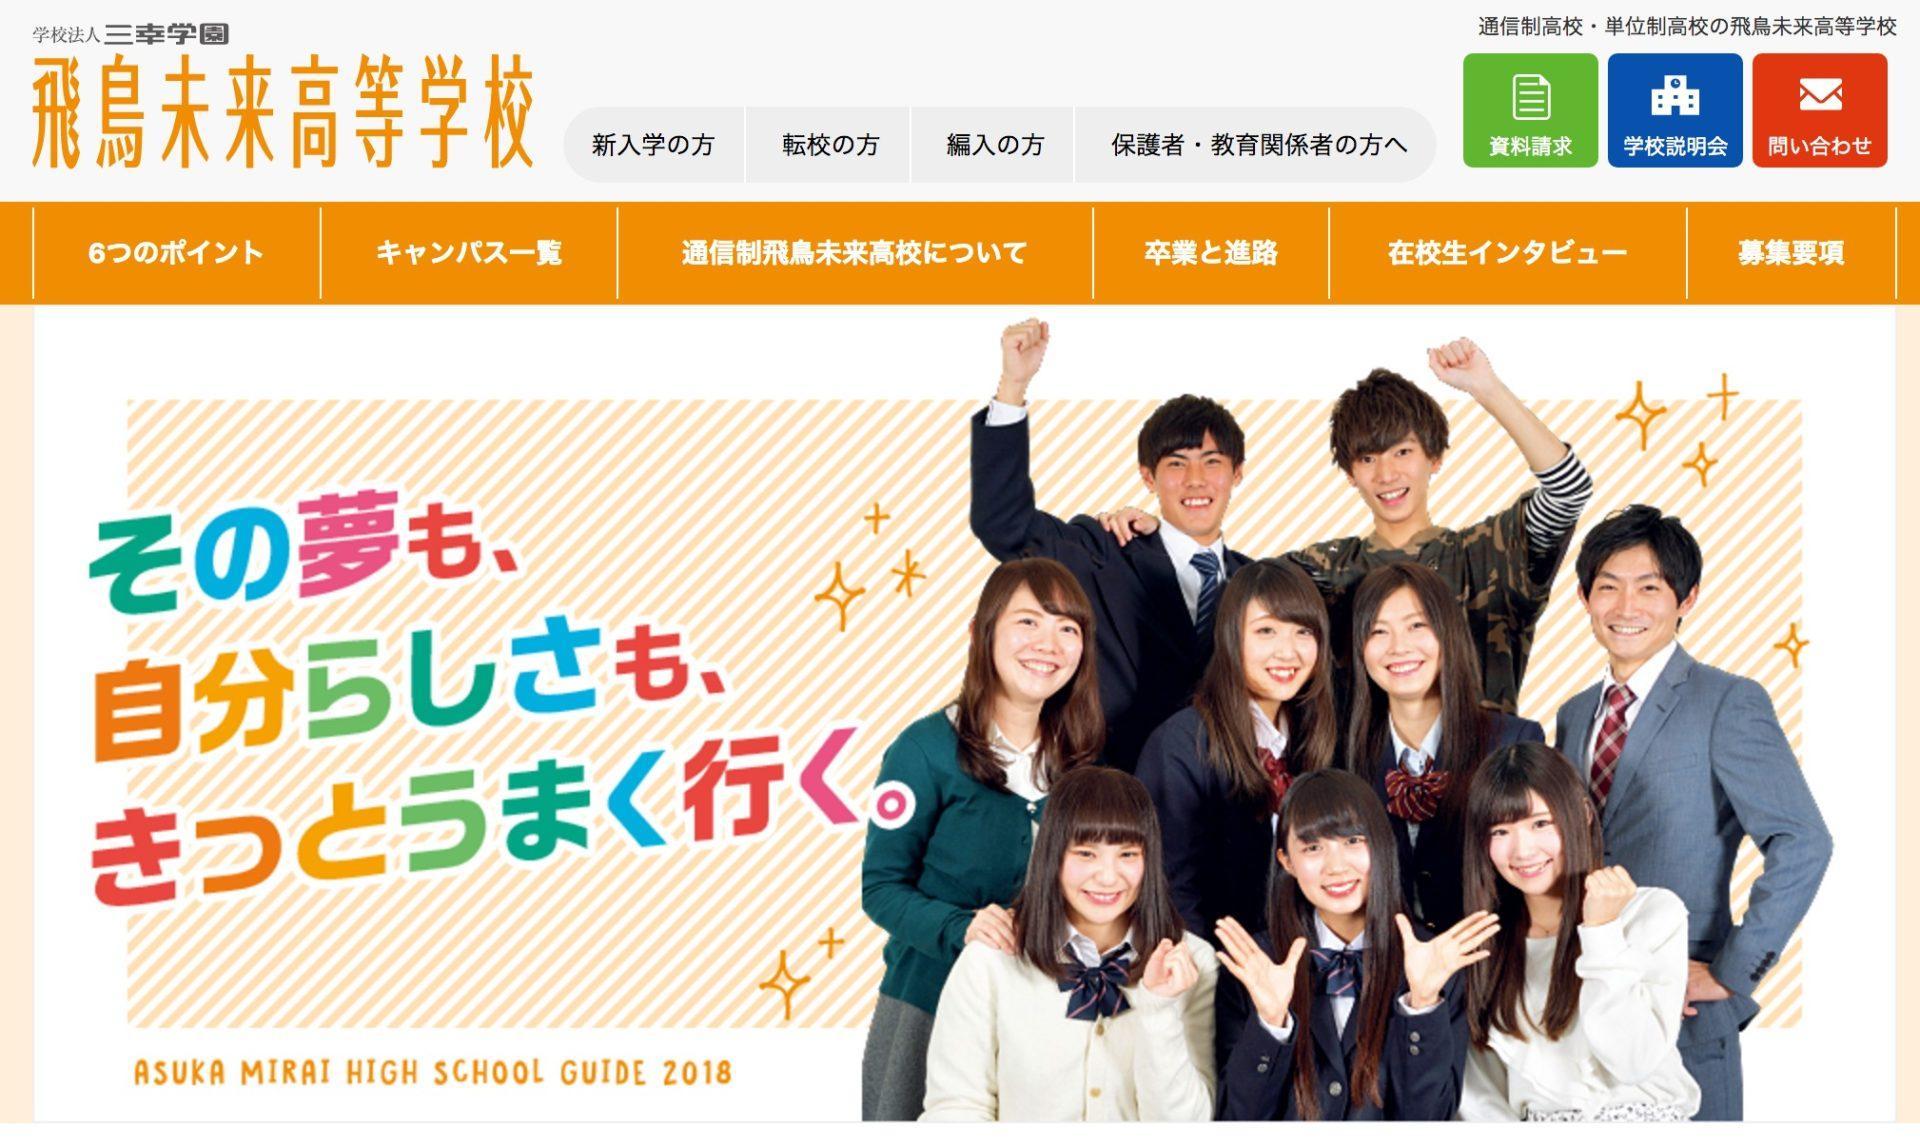 高校 東京 未来 飛鳥